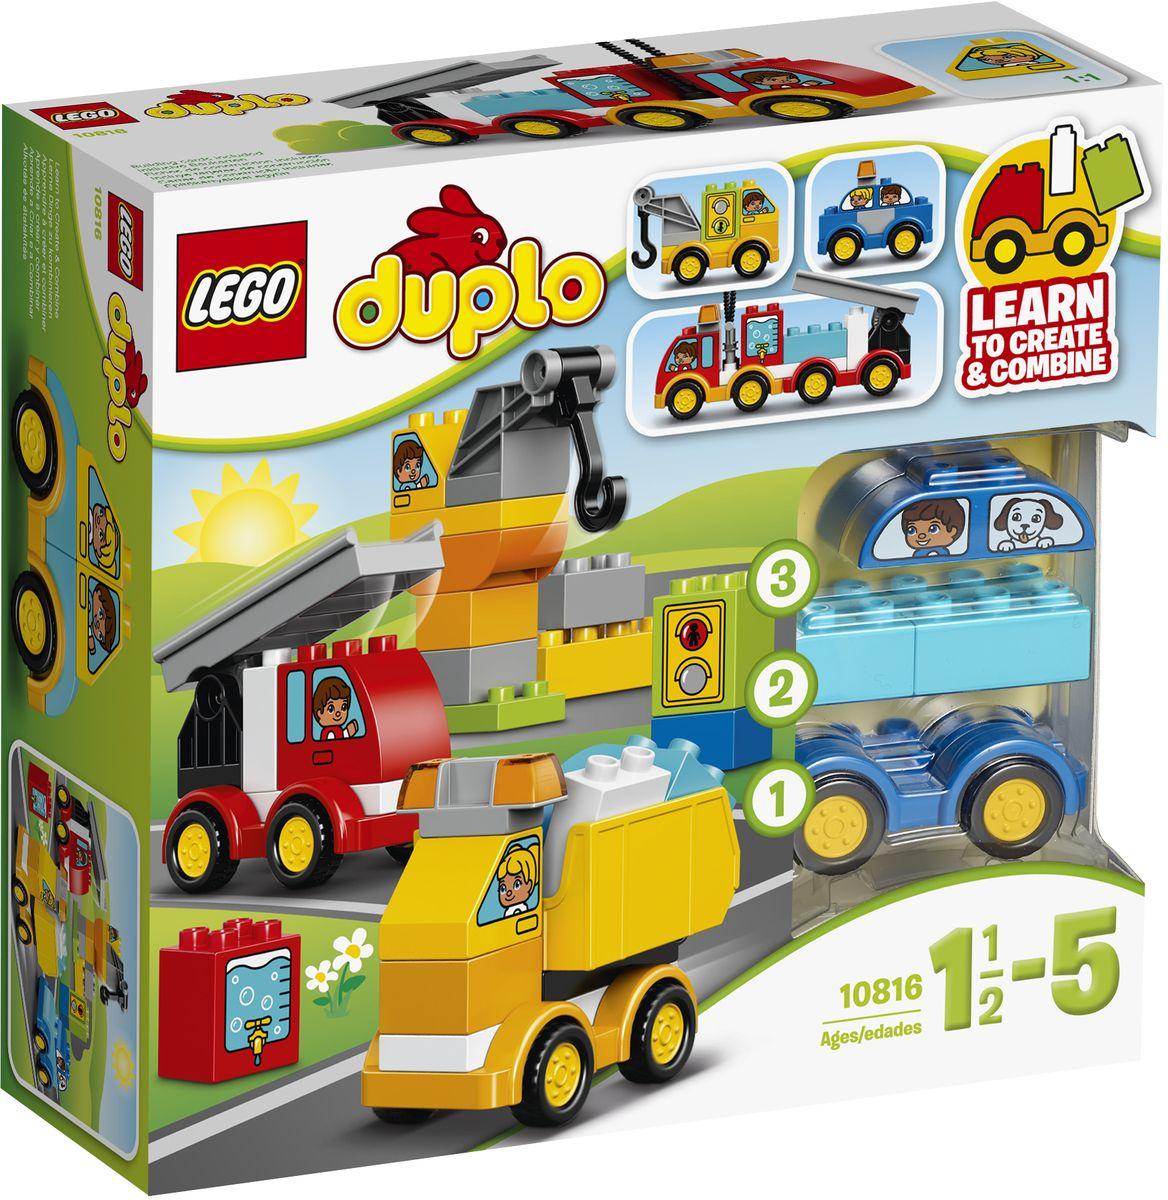 LEGO DUPLO Конструктор Мои первые машинки 10816 lego classic конструктор дополнение к набору для творчества яркие цвета 10693